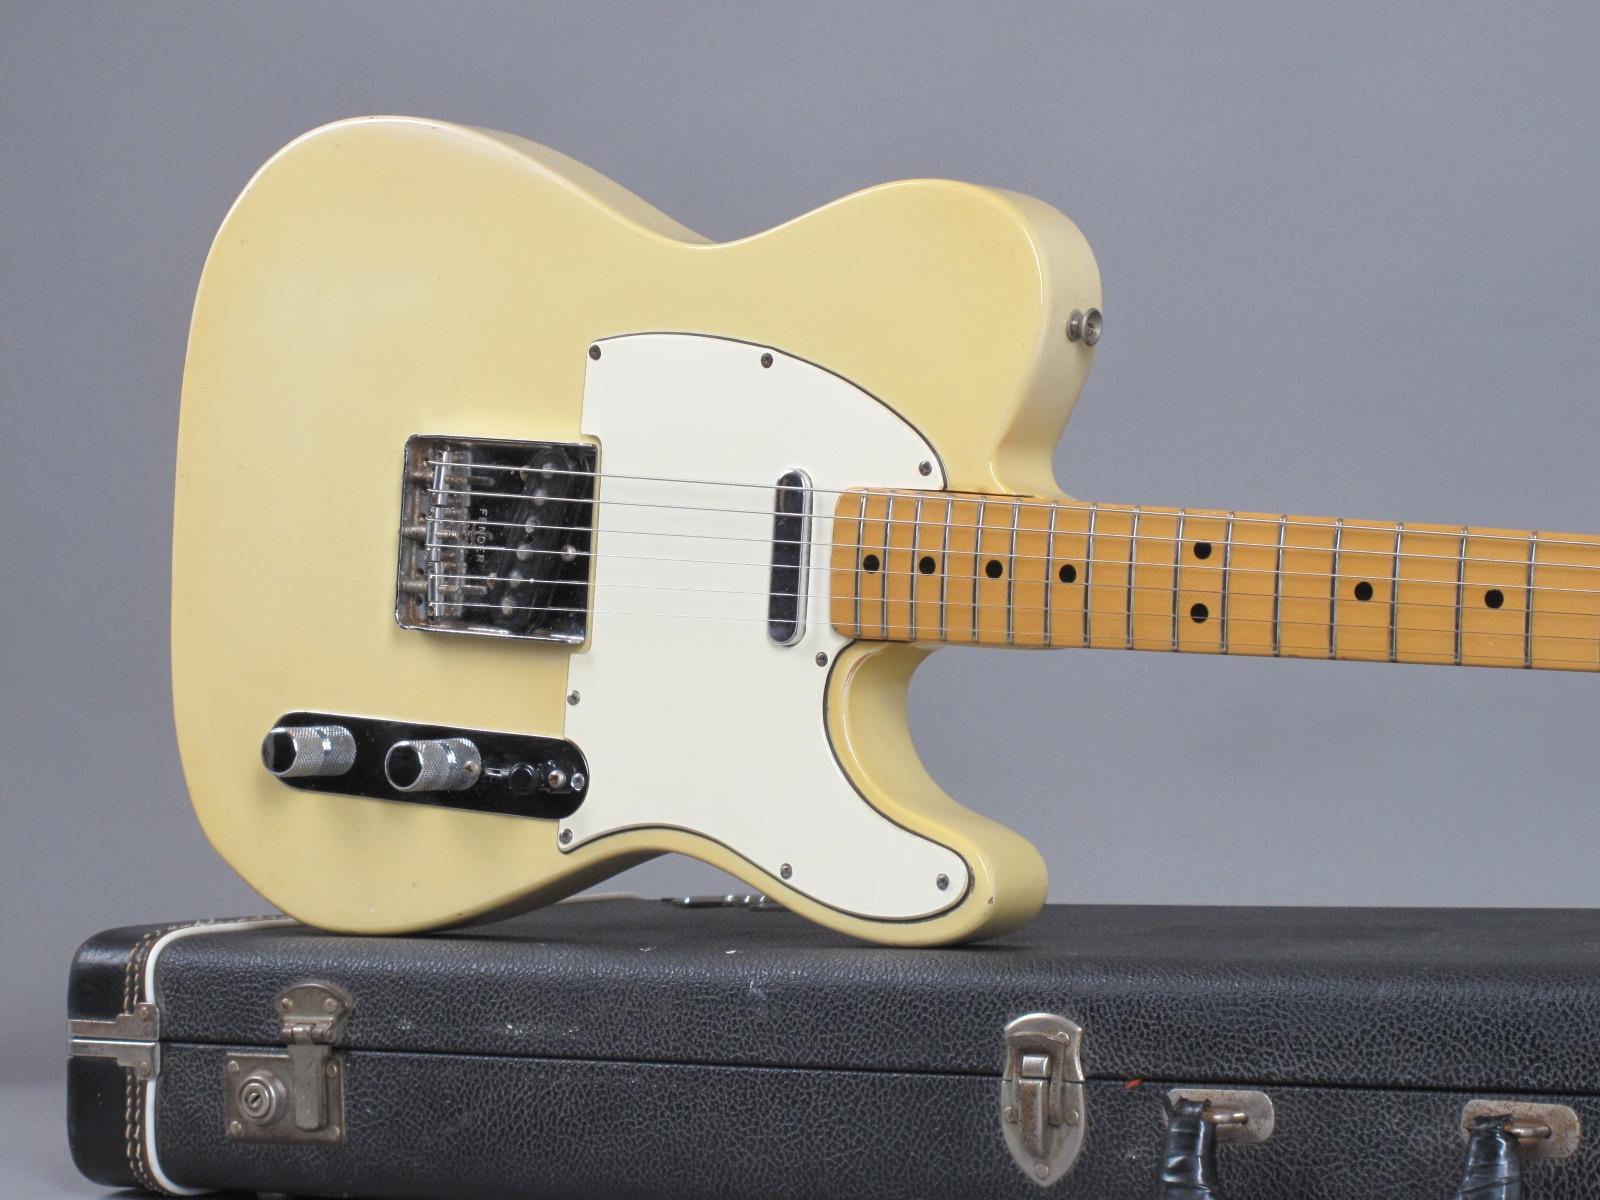 https://guitarpoint.de/app/uploads/products/1969-fender-telecaster-blond-6/1969-Fender-Telecaster-Blond-277610-19-1.jpg